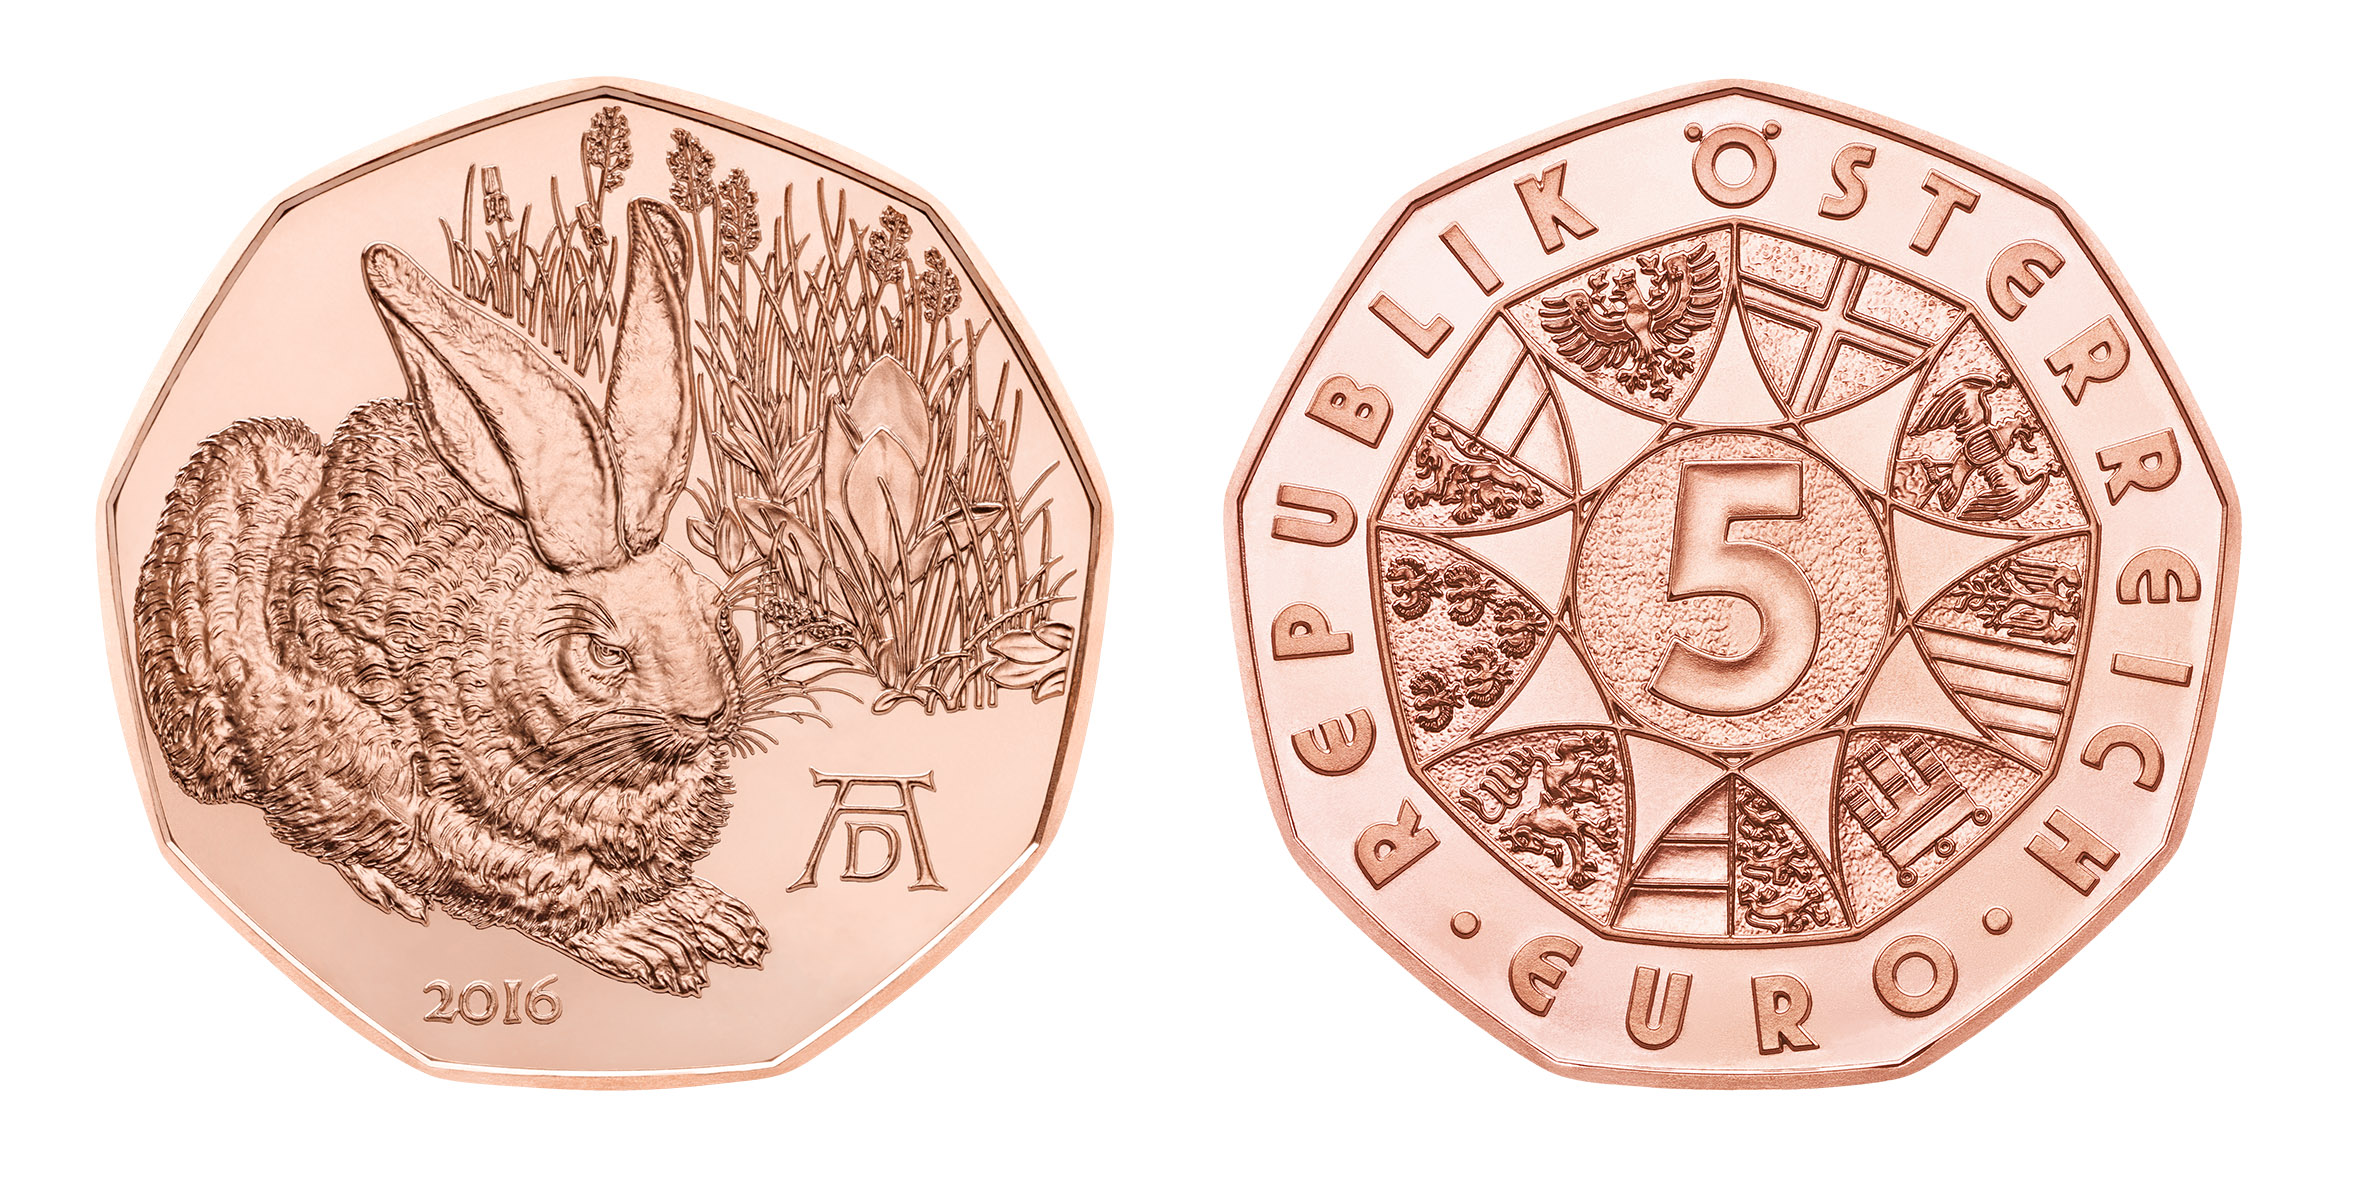 Von österreichs 5 Euro Münze 2016 Feldhase Bis Zur 3 Reichsmark 1928